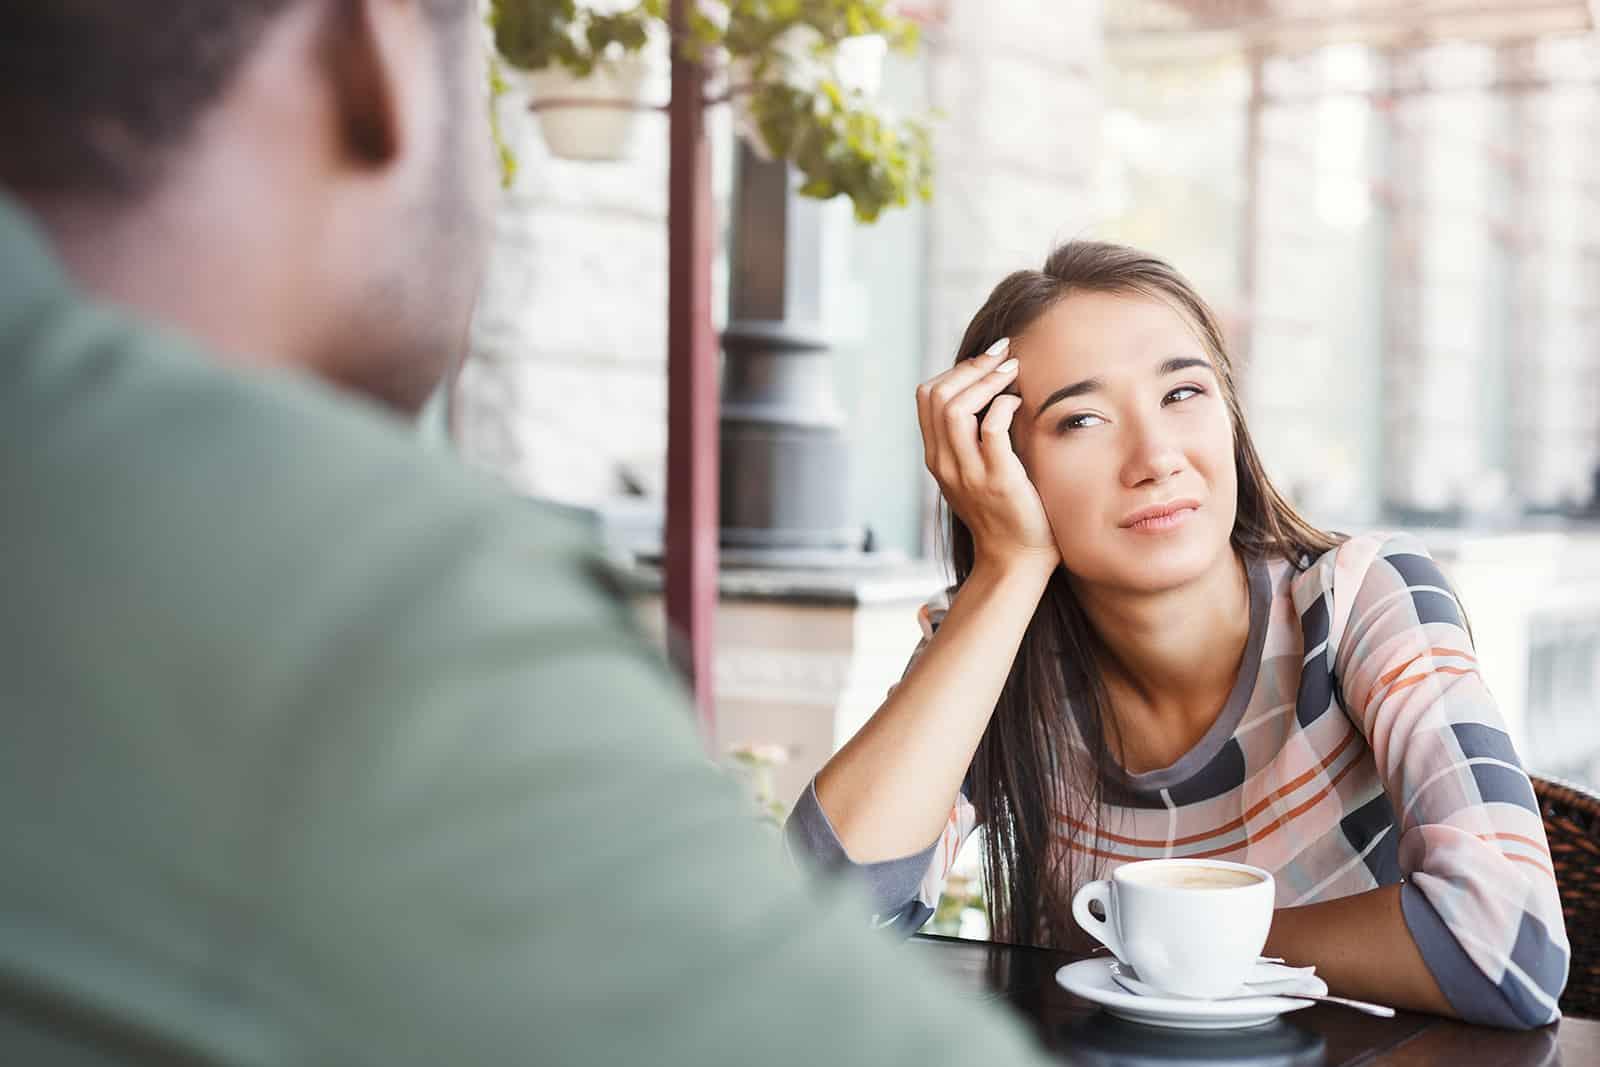 eine gelangweilte Frau, die mit einem Mann in einem Café an einem Datum sitzt